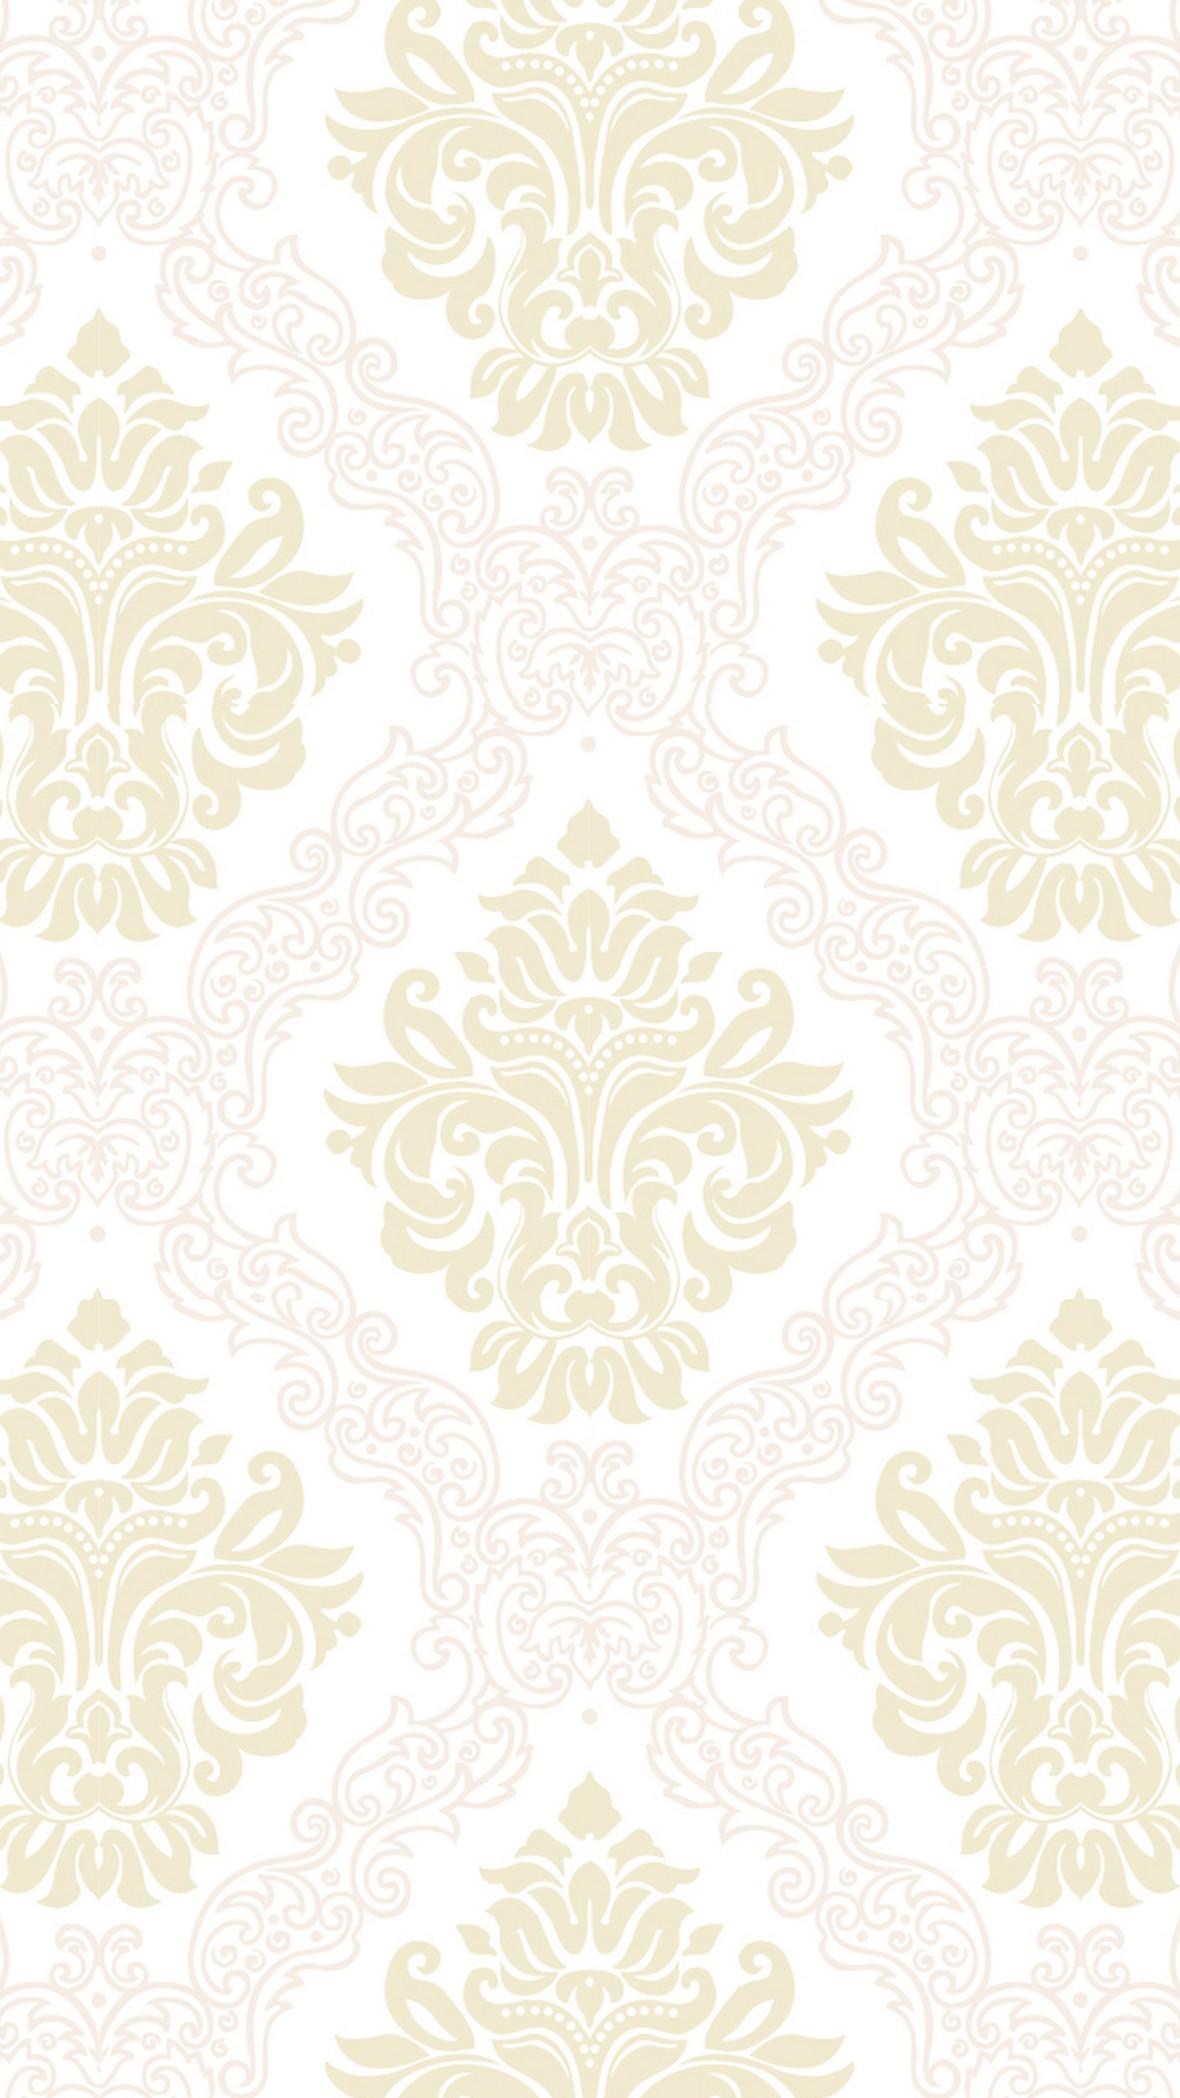 米色欧式复古花纹背景